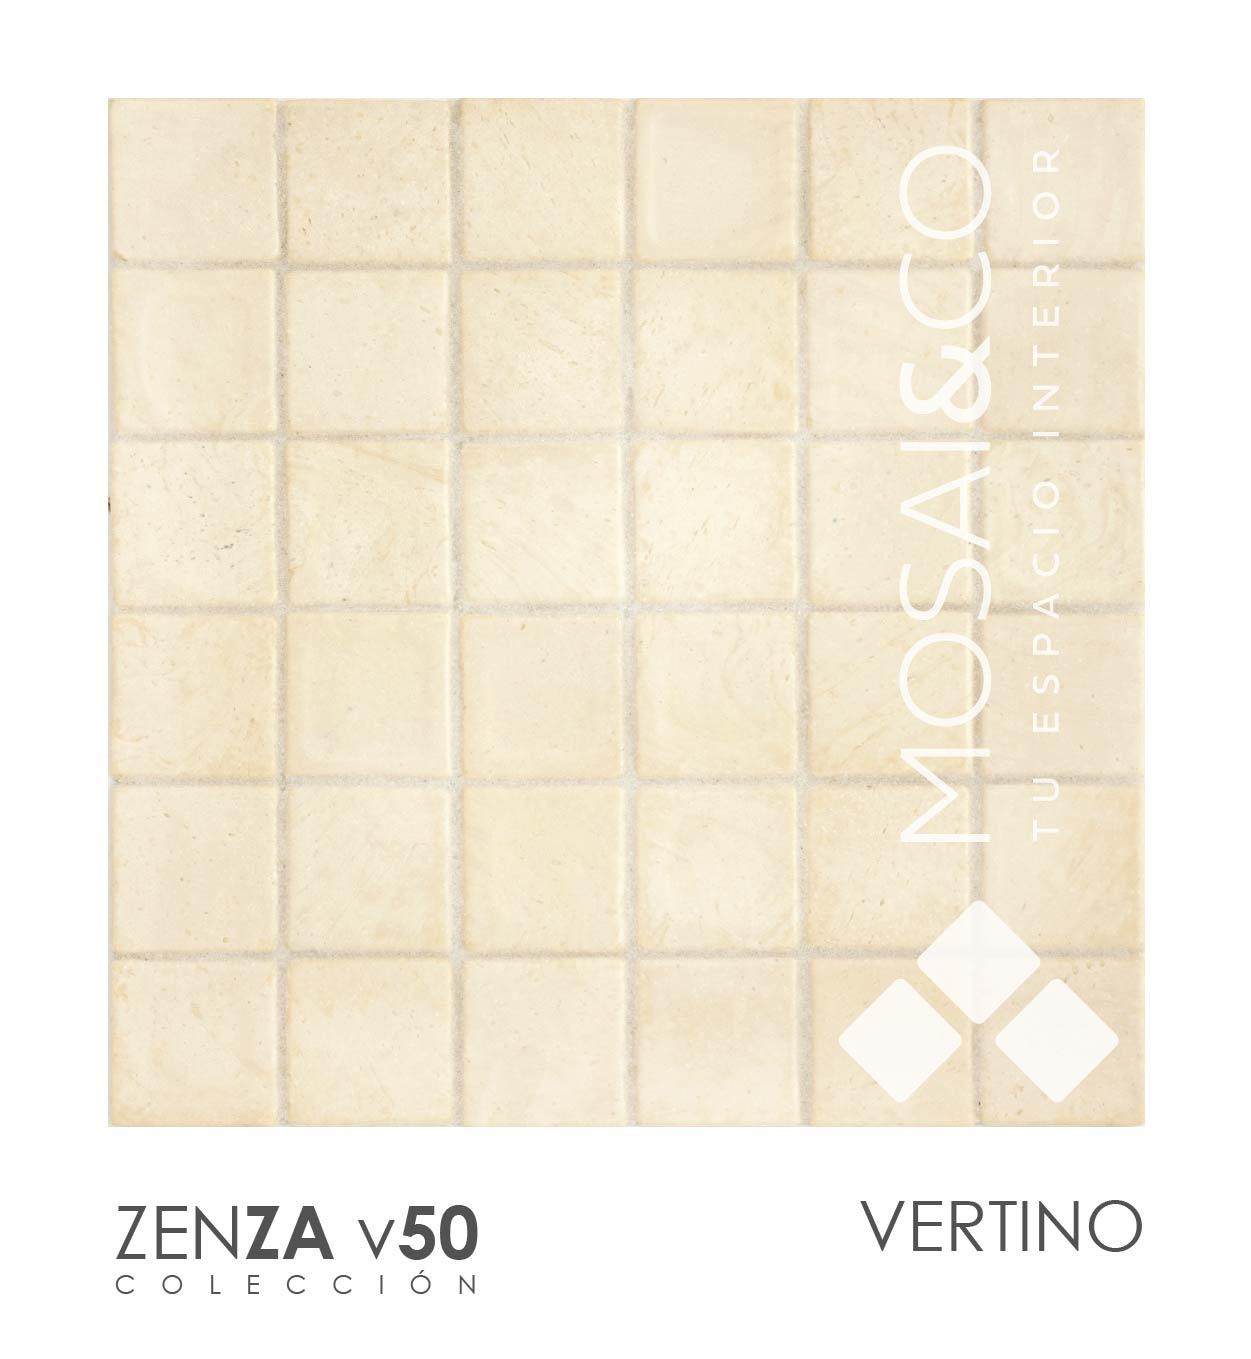 mosaico-decoracion-interiores-mosaiandco-coleccion-zenza-v50_Vertino